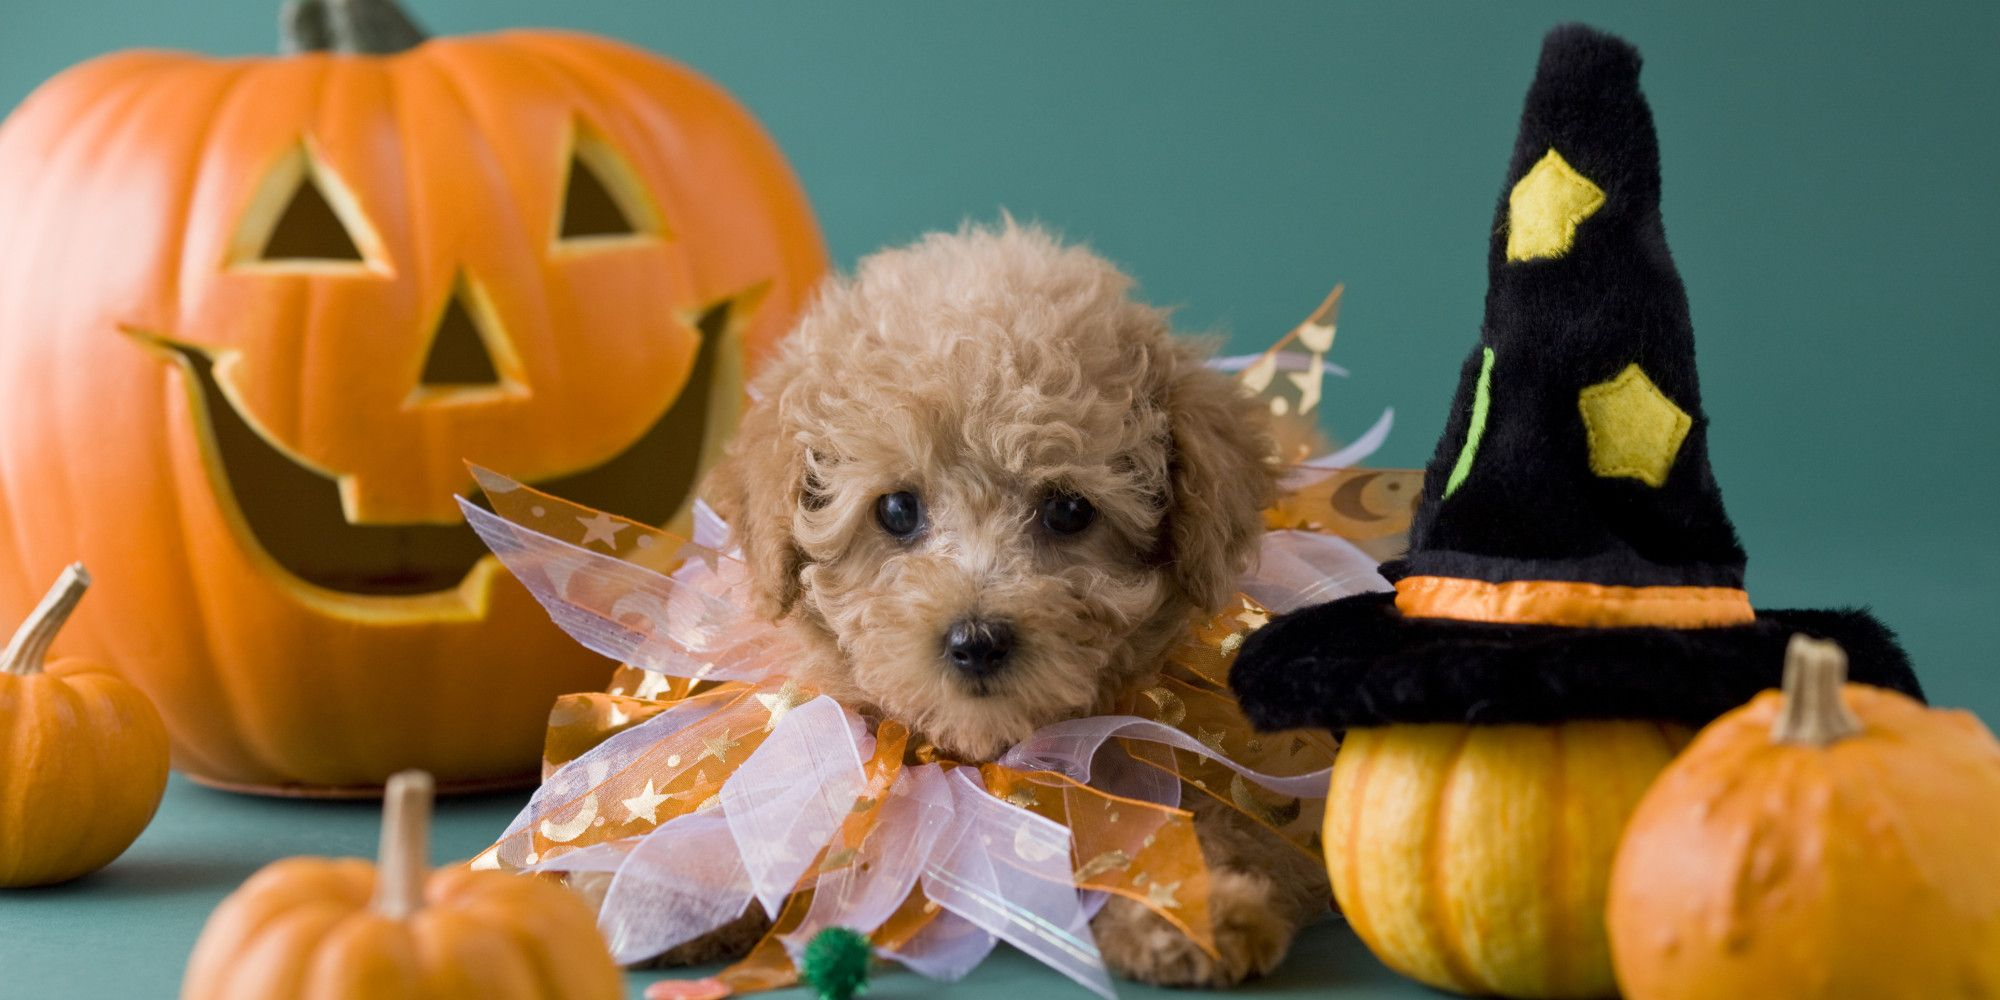 Top Wallpaper Halloween Puppy - de78526b5b6a71c0b804bb8081bd06ba  Picture_744743.jpg